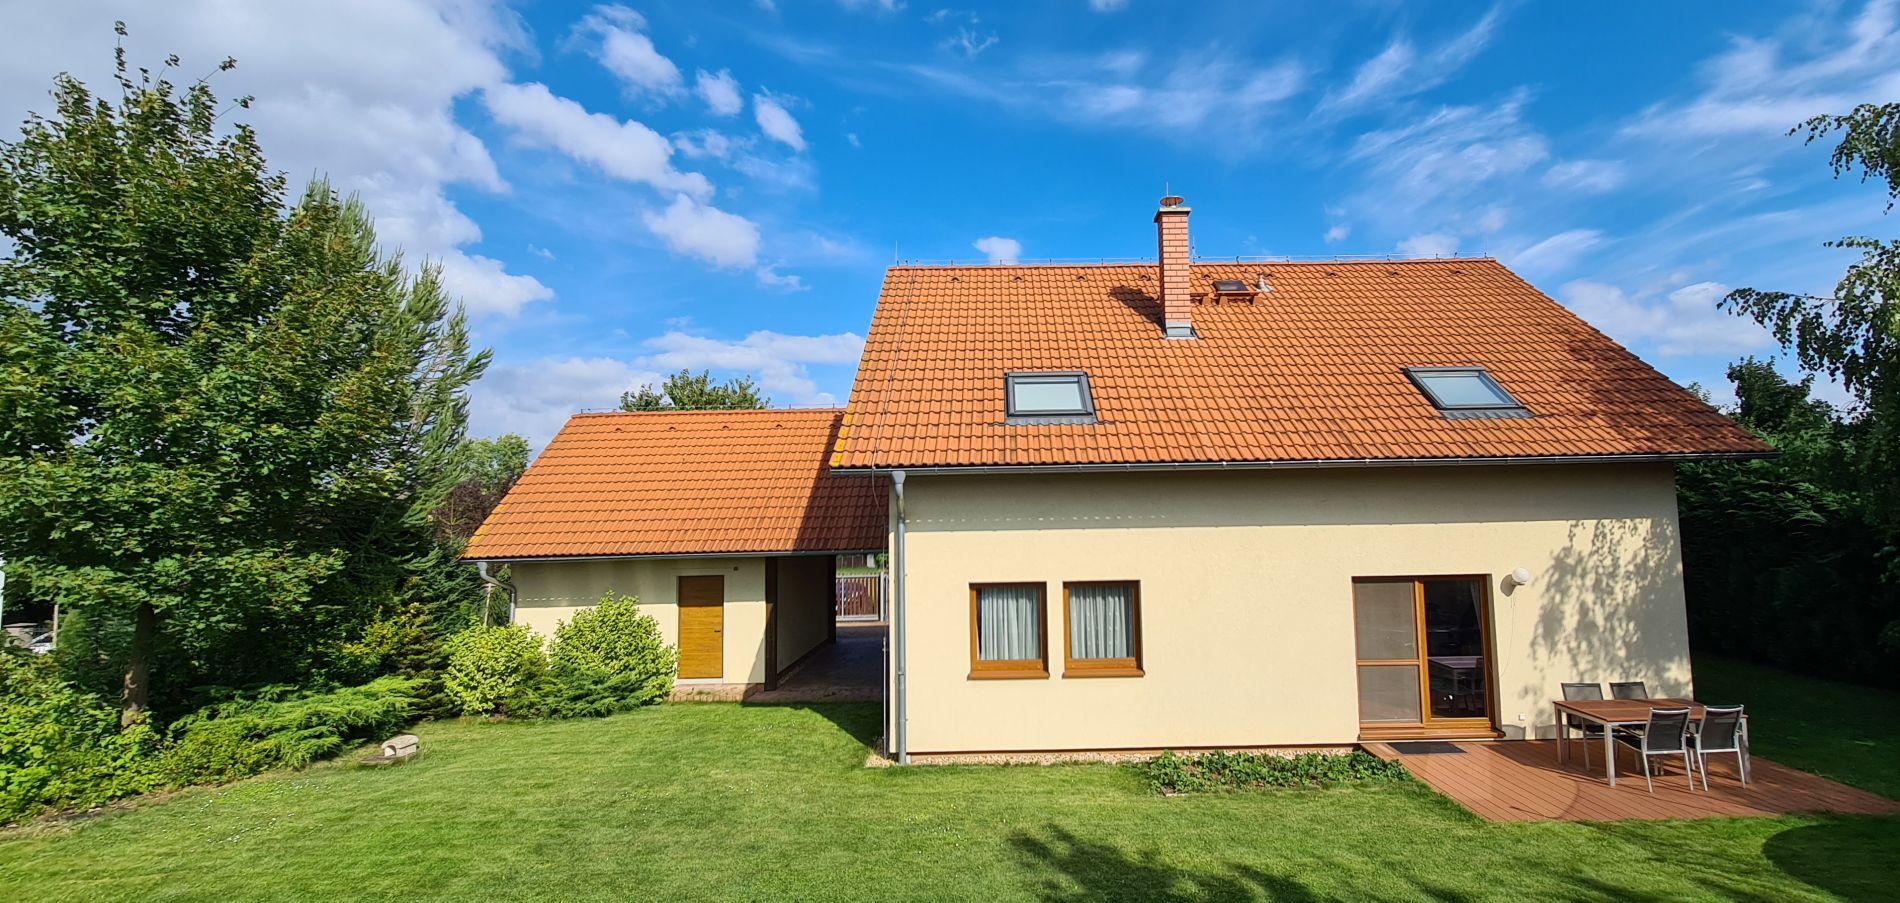 Prodej nízkoenergetického domu 5+kk se zahradou, terasou, balkónem, bazénem, altánem a garáží, Ořech